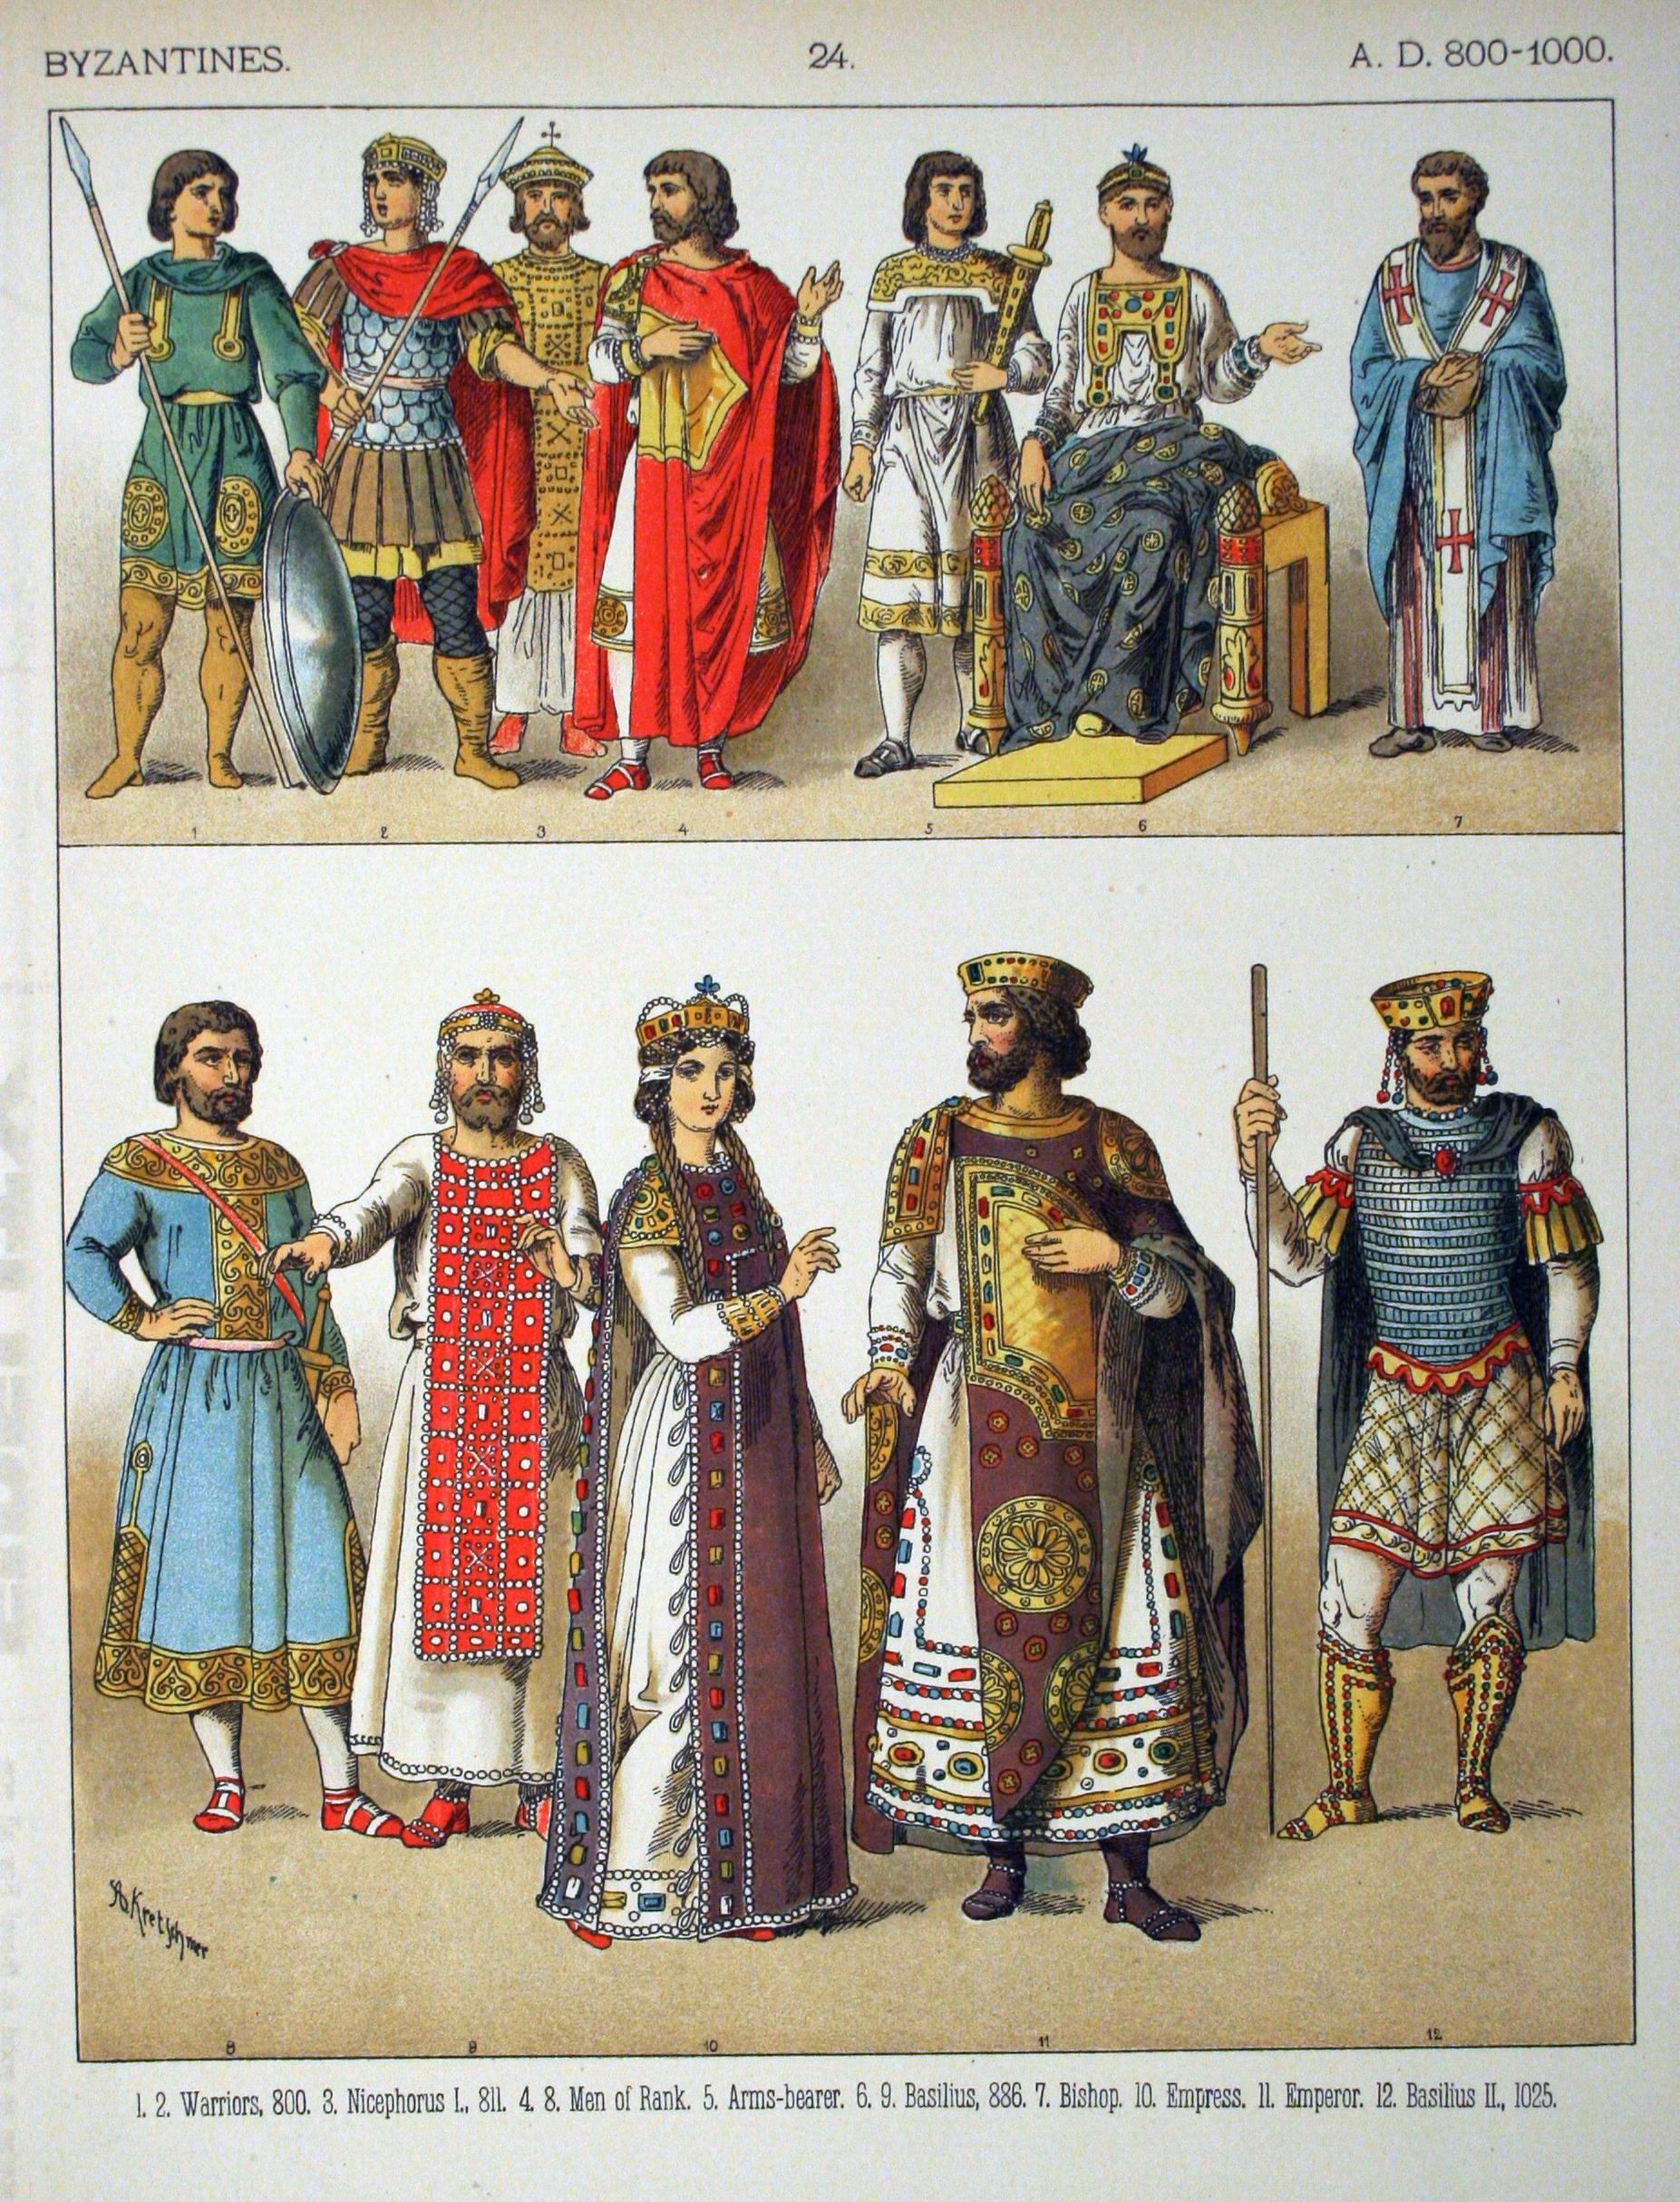 ビザンツ帝國の服飾 : 畫像で見るざっくり西洋ファッションの歴史【男性編】 - NAVER まとめ